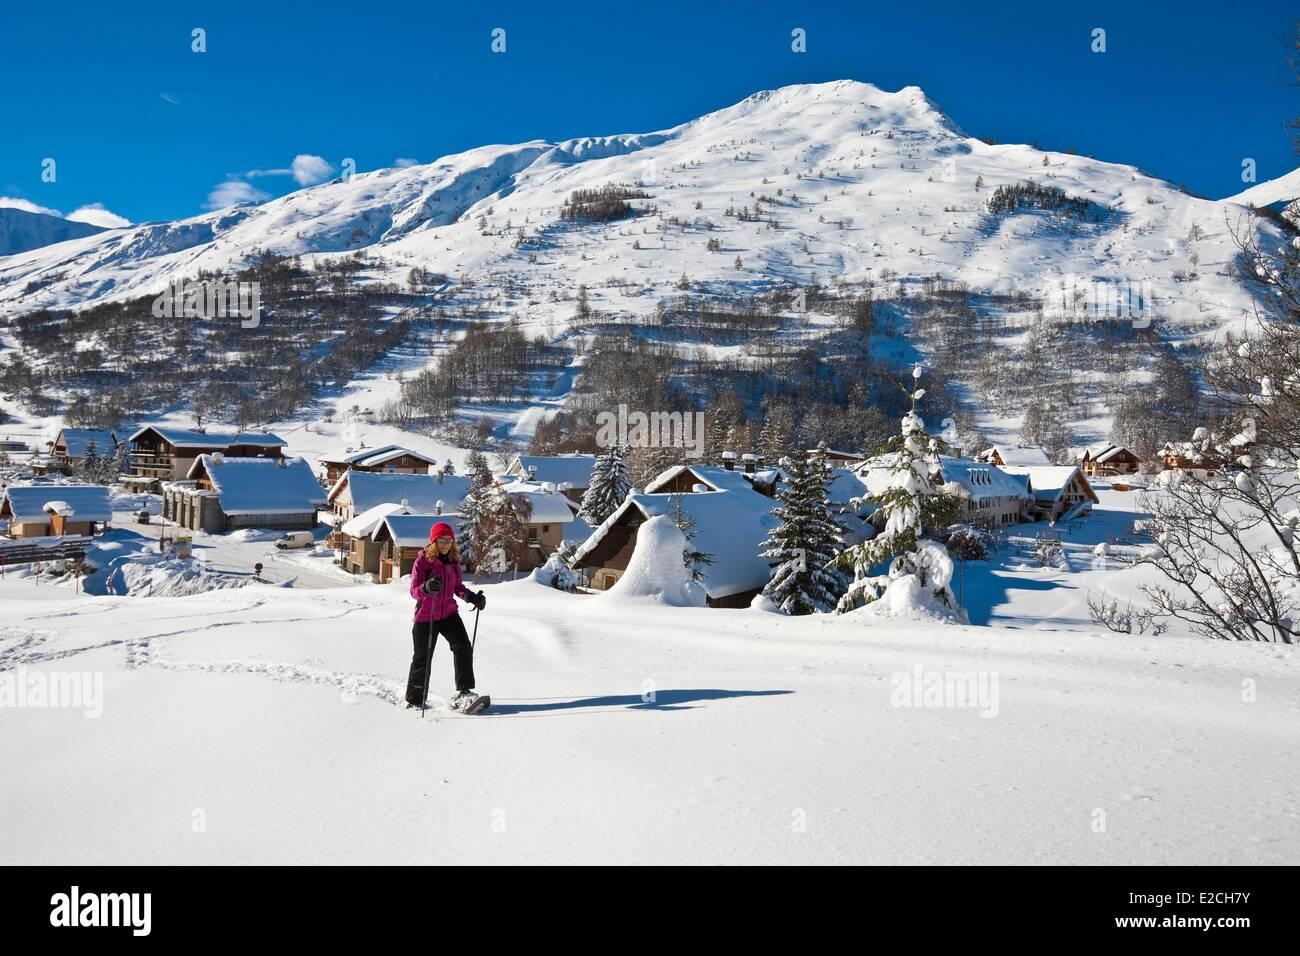 France, Savoie, vallée de la Maurienne, Valloire, randonneur en raquettes Photo Stock